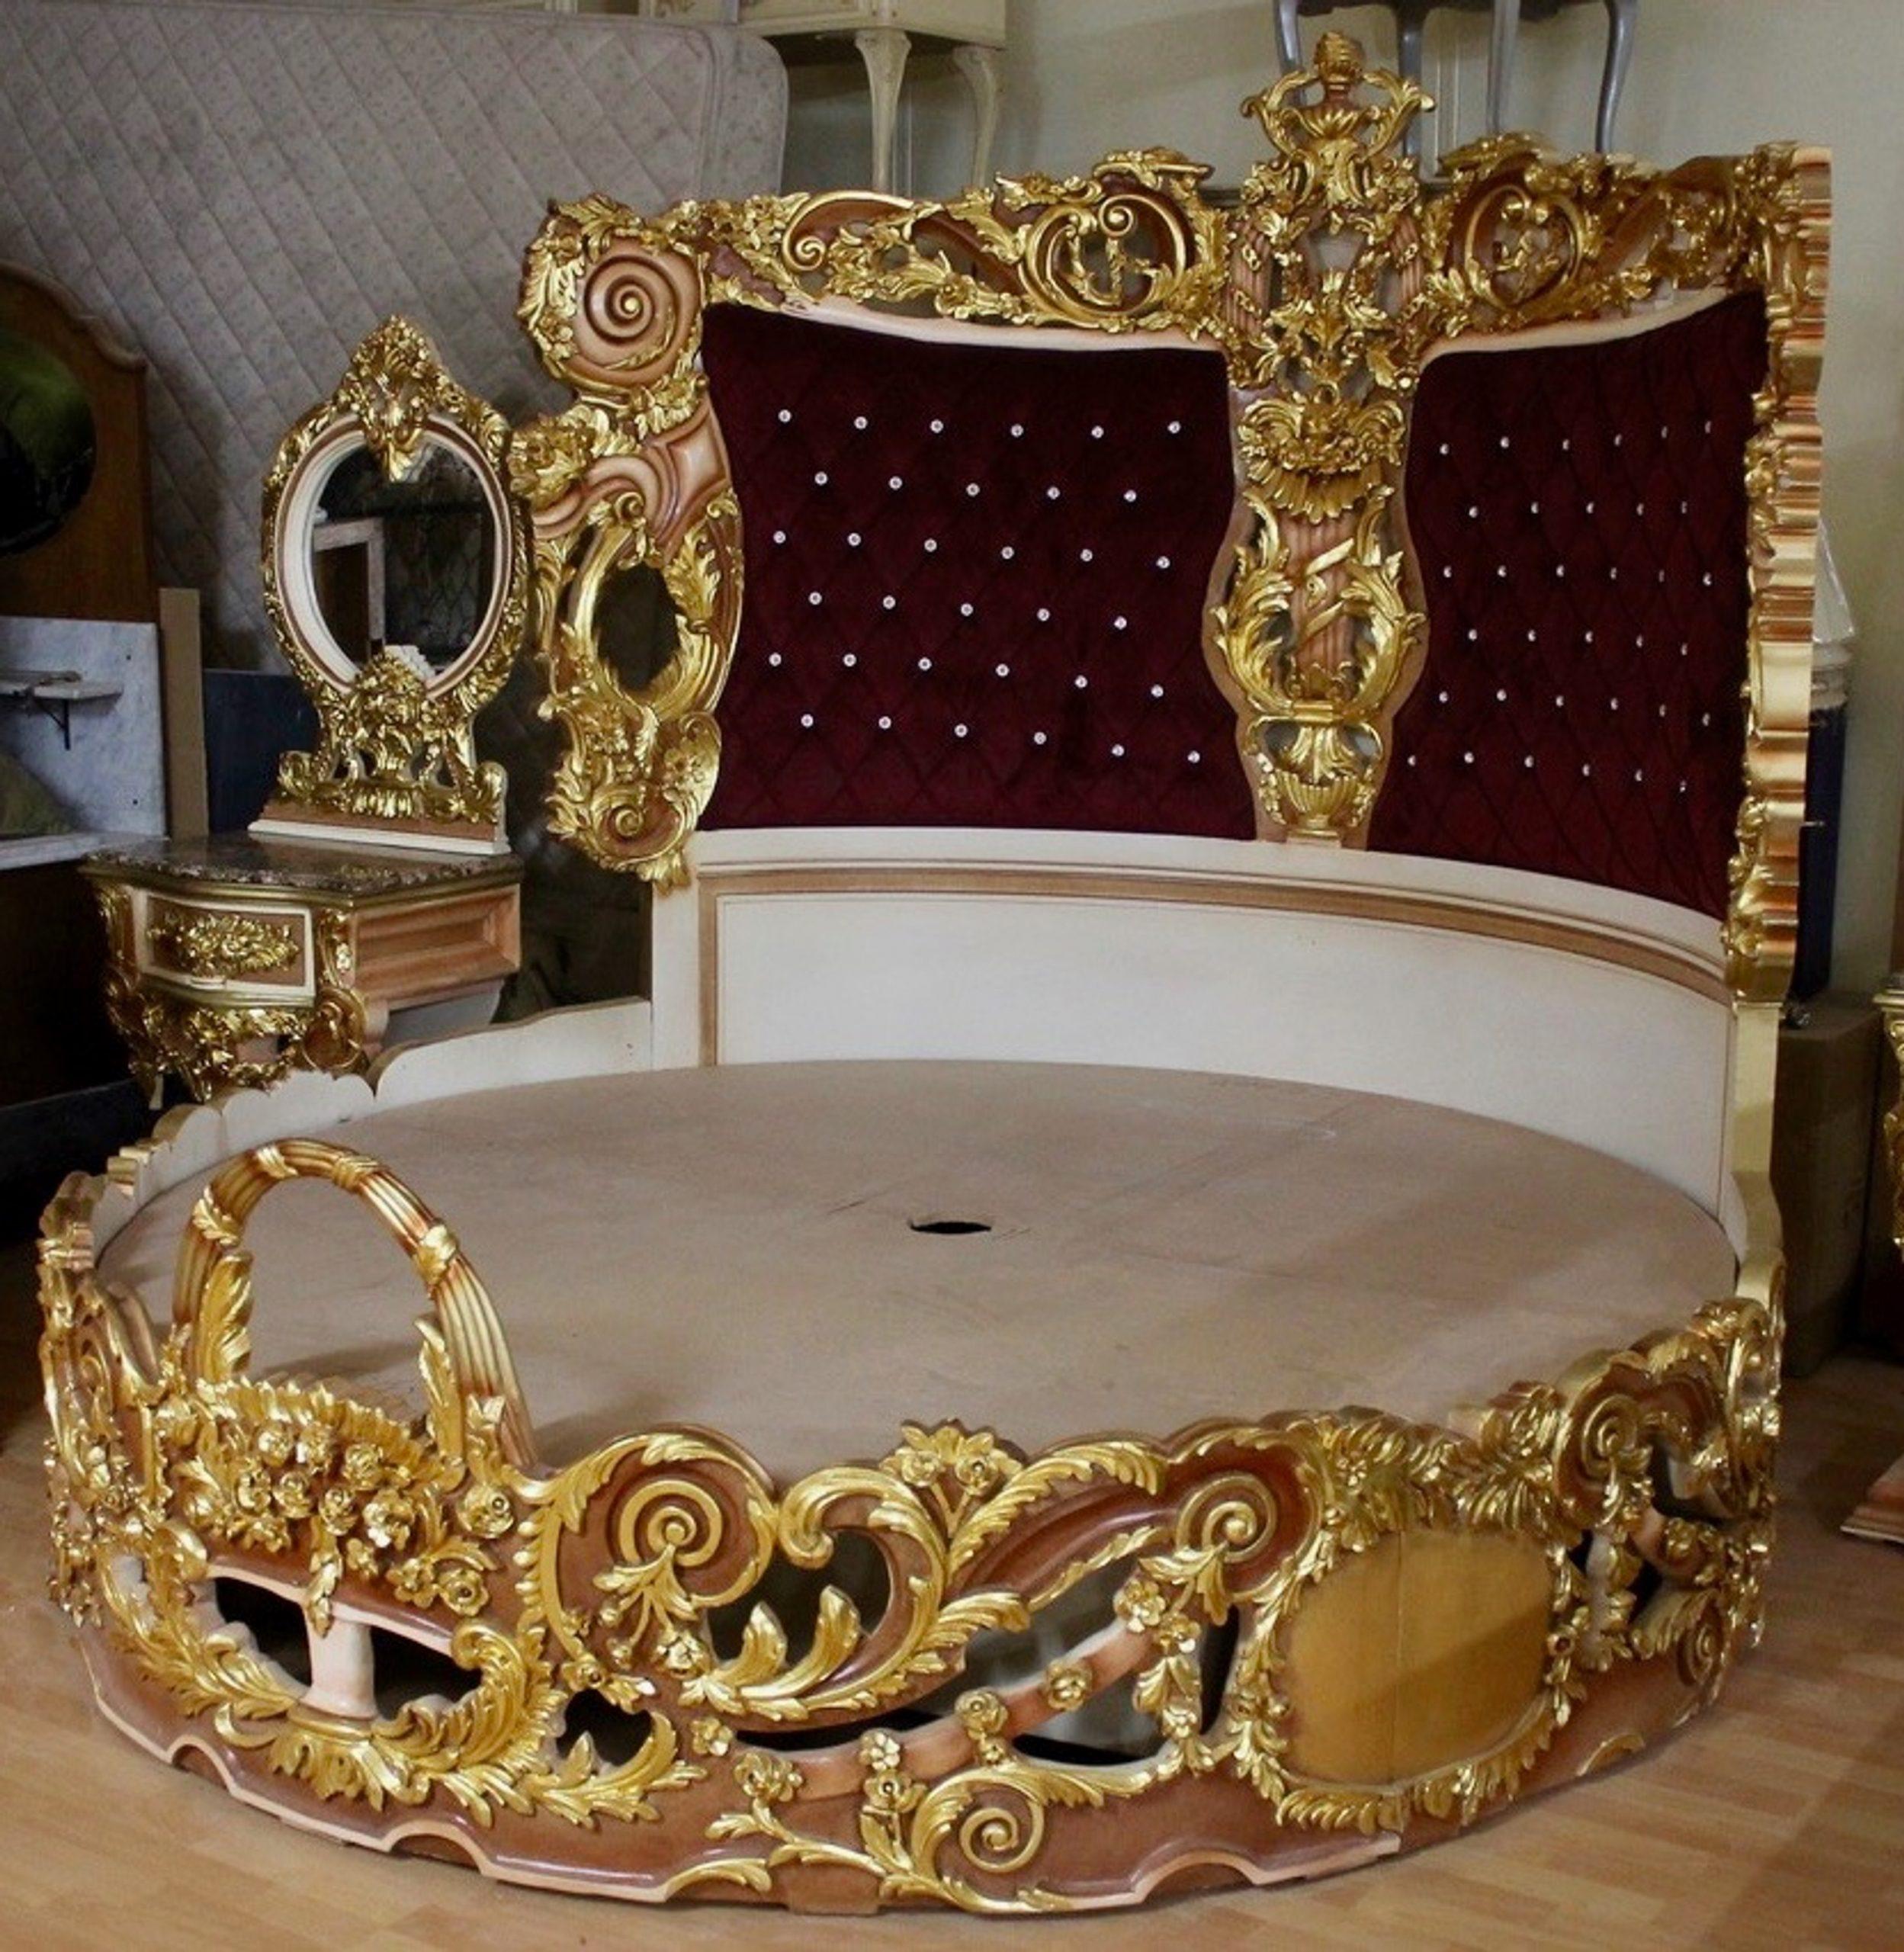 Full Size of Bett Barock Rokoko Doppelbett Rund Gold Mkbd2000 Antik Stil Betten Test Prinzessinen Mit Schubladen 90x200 Weiß Bettkasten Unterbett Stauraum 160x200 140 X Bett Bett Barock